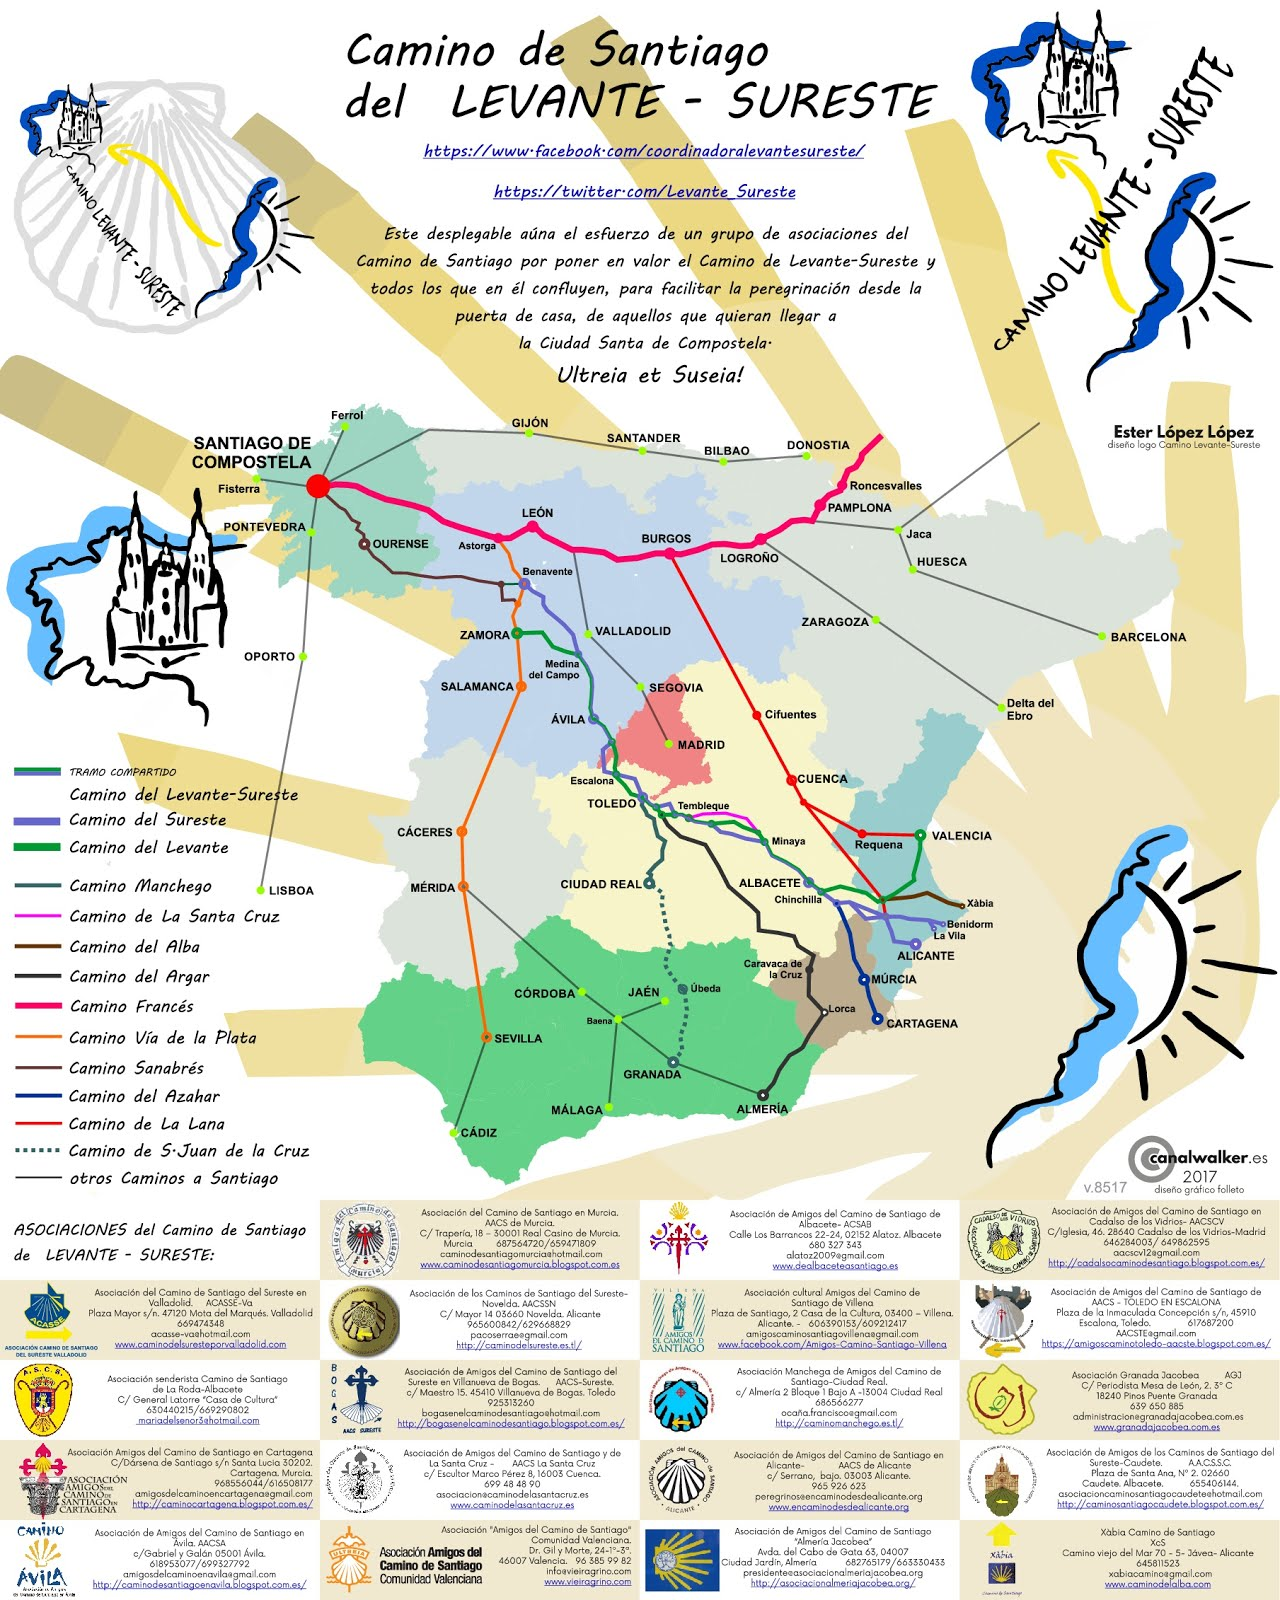 Mapa de Metro Camino de Santiago Levante.Sureste